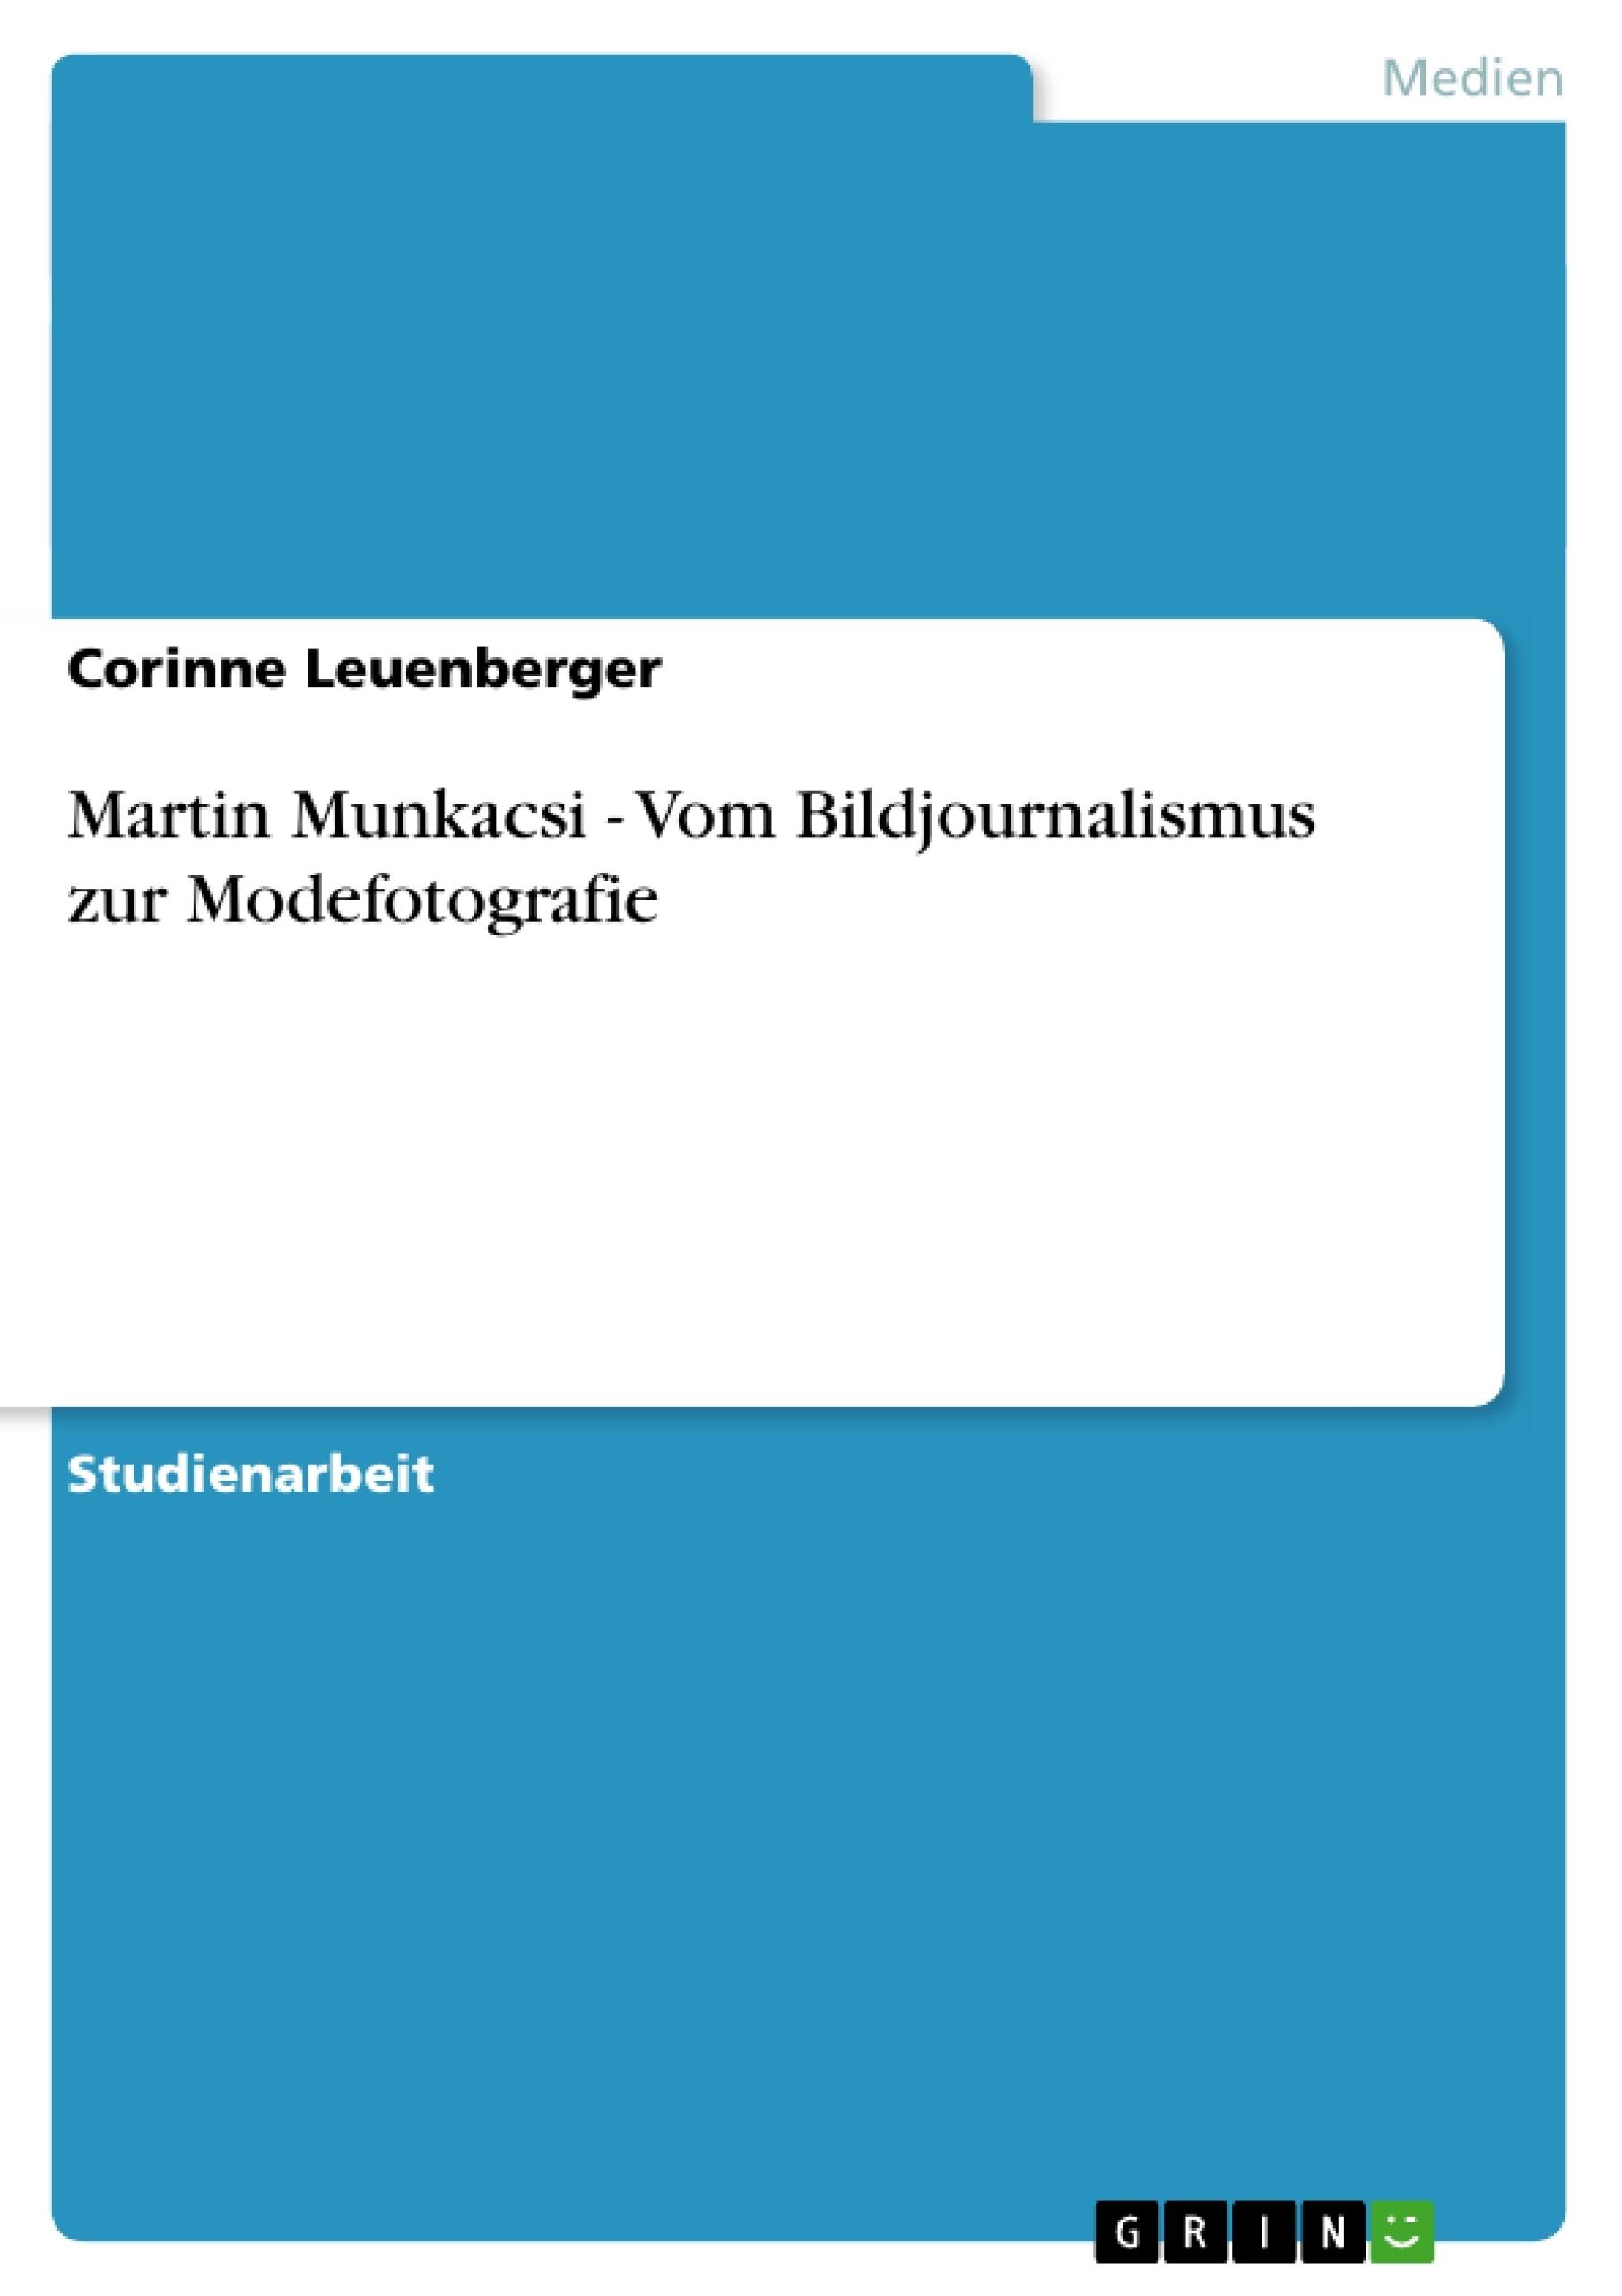 Titel: Martin Munkacsi - Vom Bildjournalismus zur Modefotografie